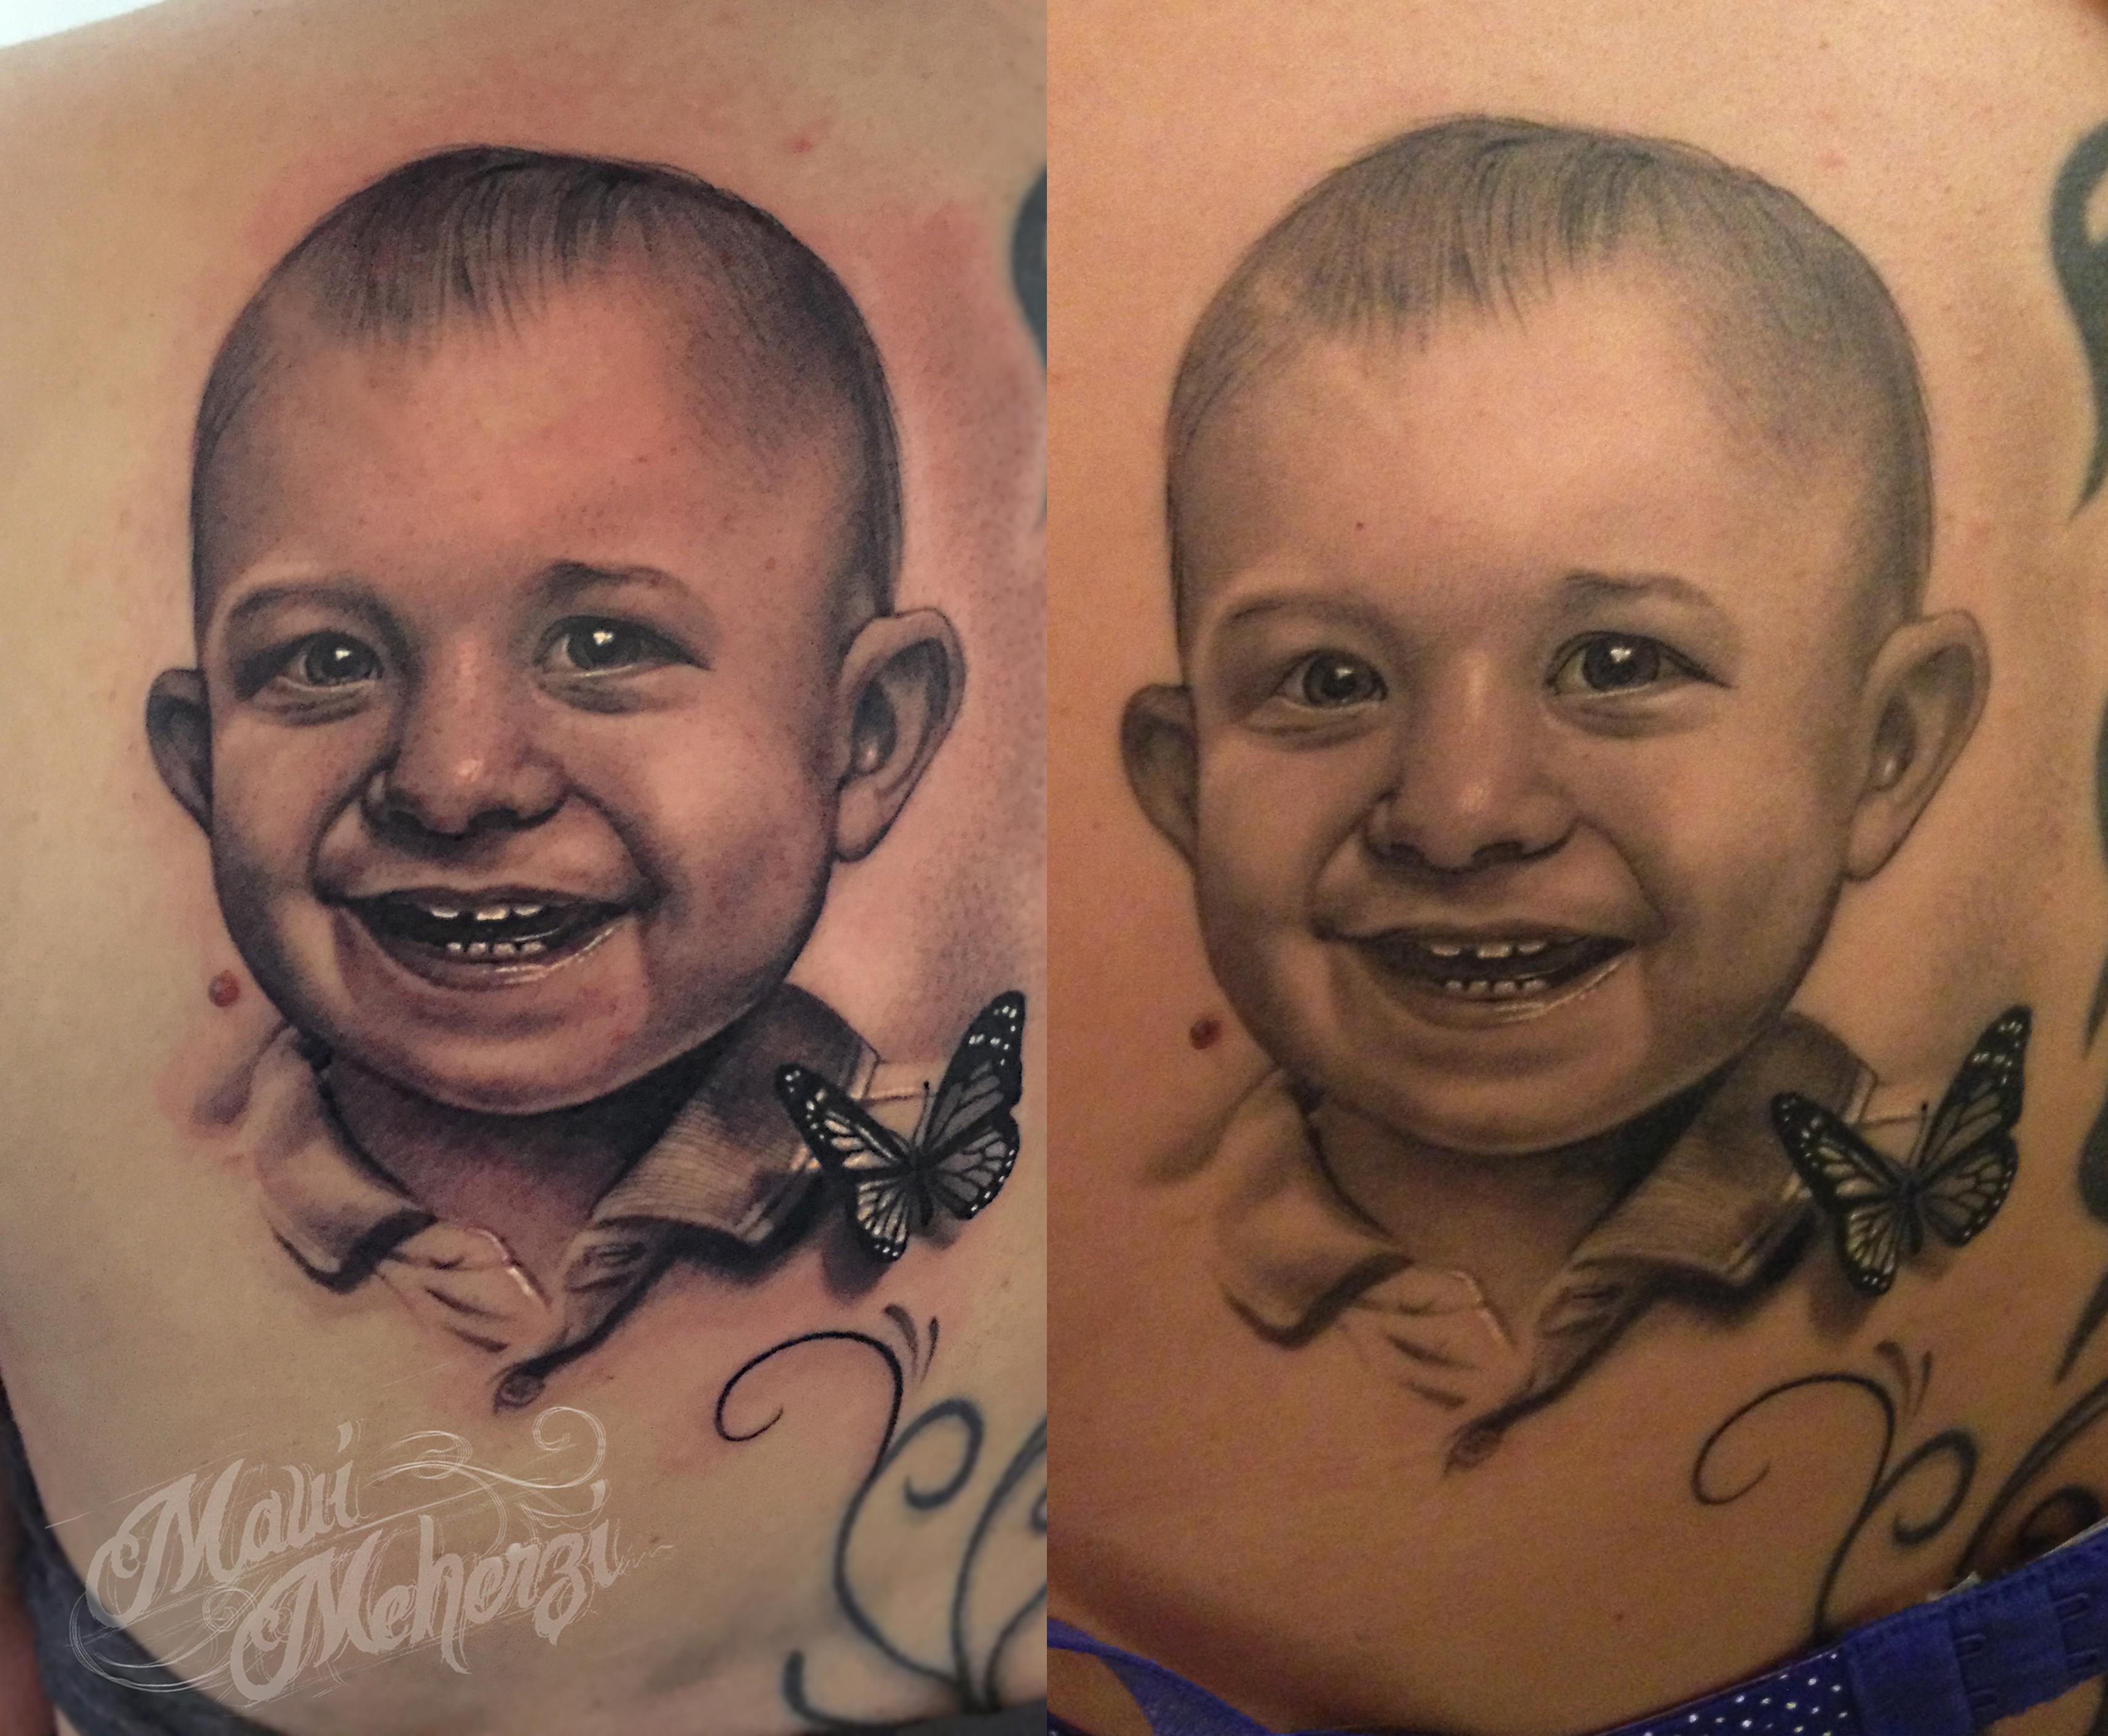 Maui Meherzi - Opus Magnum Tattoo Studio Wien - Portrait Tattoo Fresh/Healed